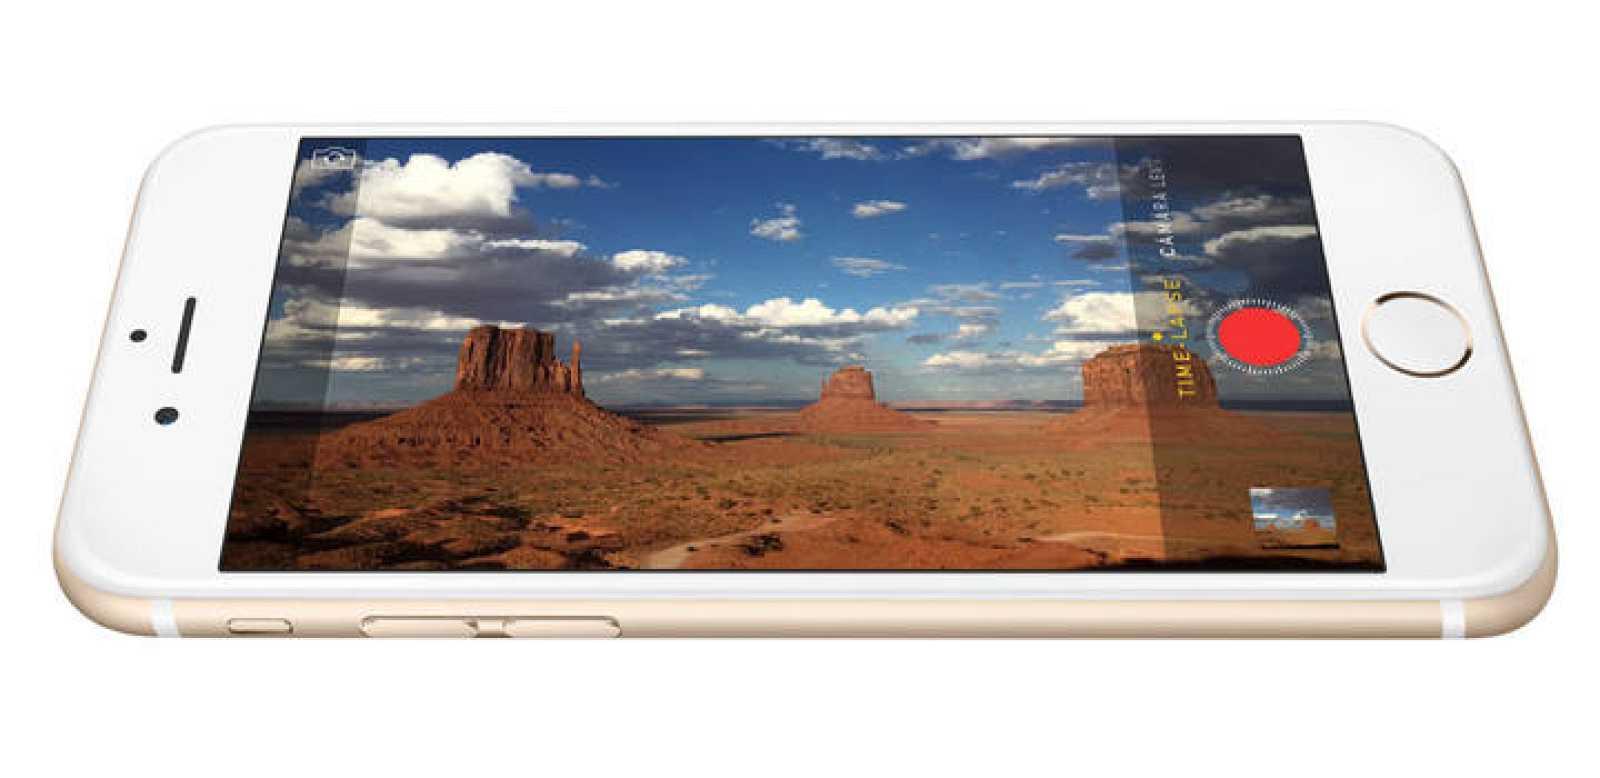 6e6ea75406e Análisis | iPhone 6 y iPhone 6 Plus: más largo, más grande y aún más ...